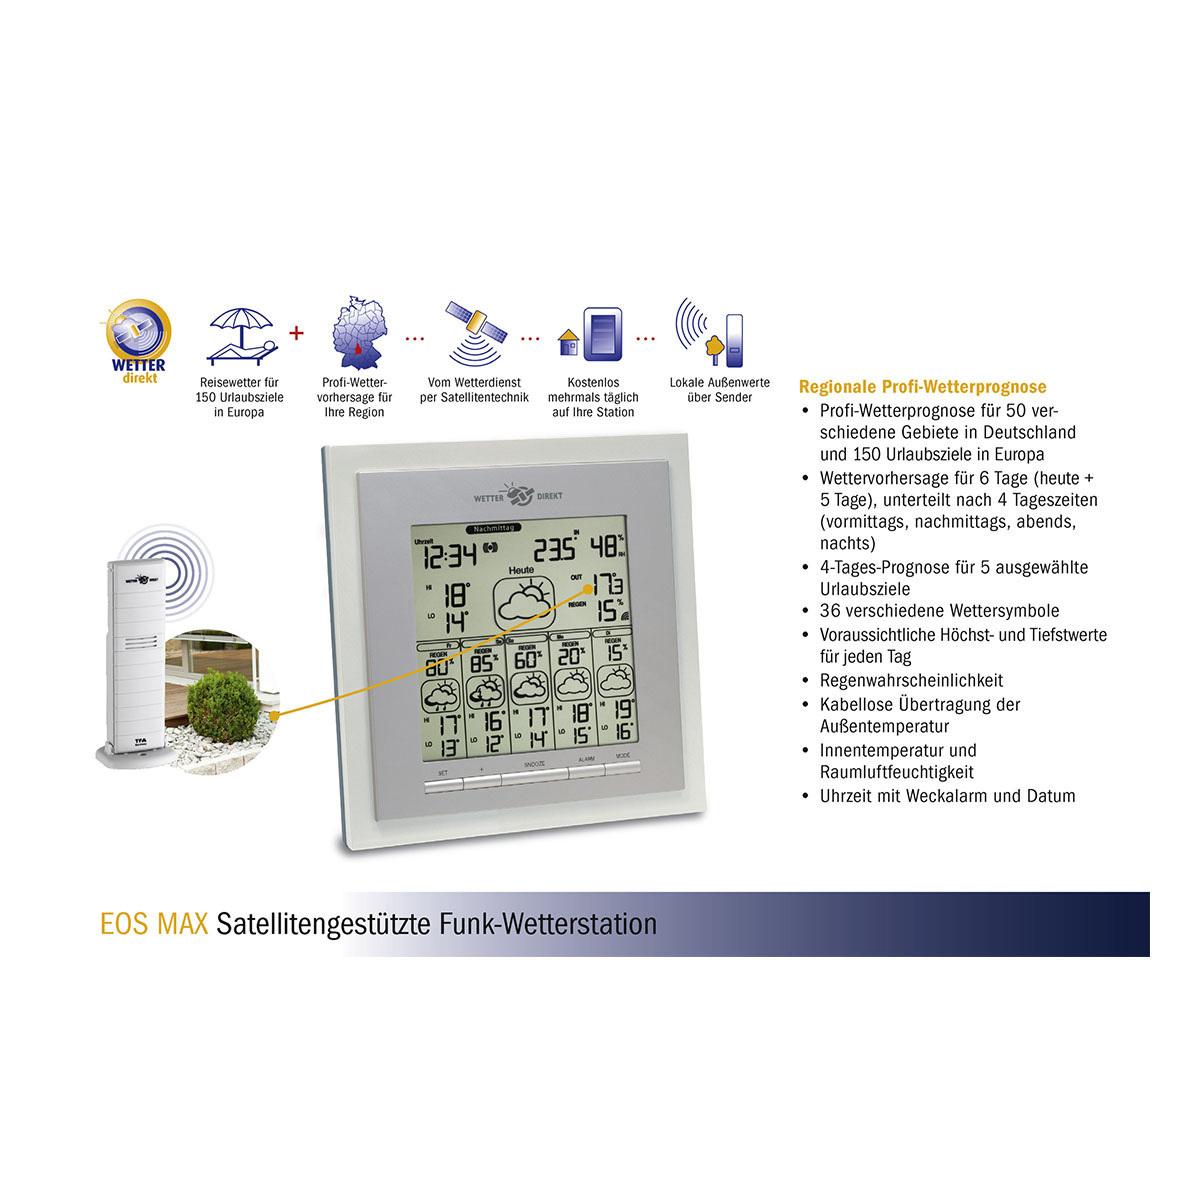 35-5015-02-it-satellitengestützte-funk-wetterstation-eos-max-vorteile-1200x1200px.jpg